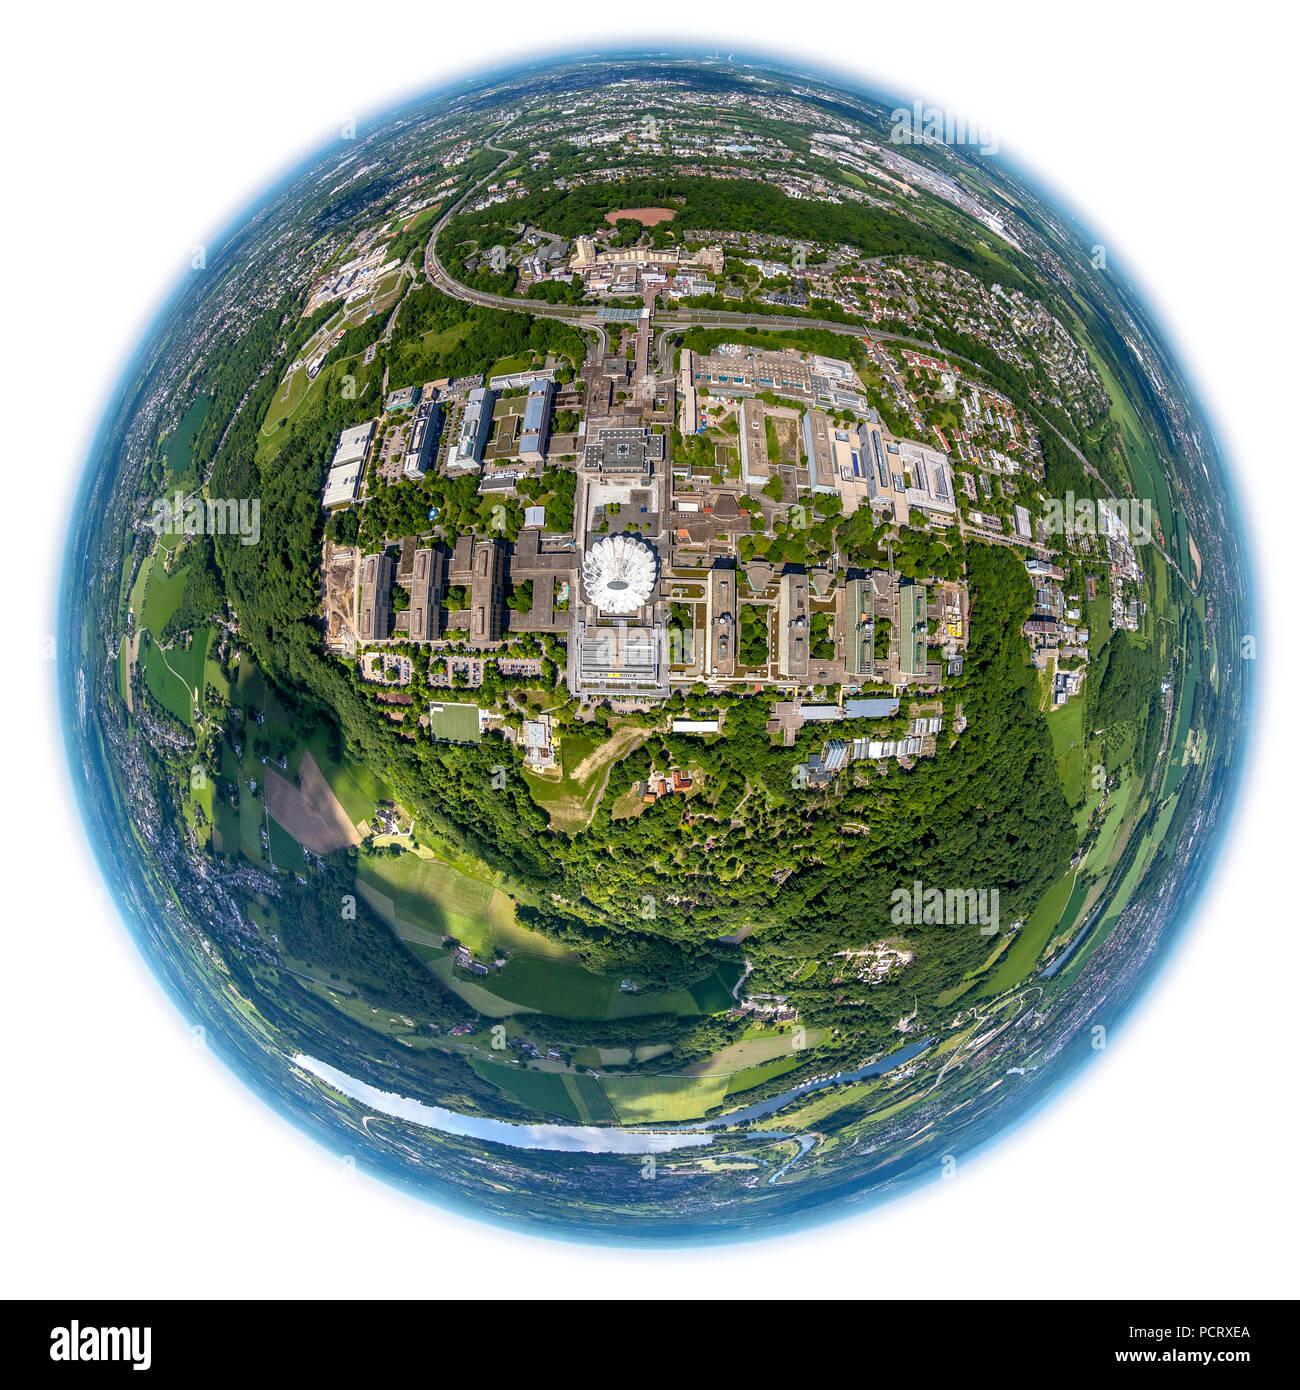 Fisheye Lens, University of Bochum, RUB, Campus Bochum, Kemnader Reservoir, Bochum South, Bochum, Ruhr area, North Rhine-Westphalia, Germany - Stock Image